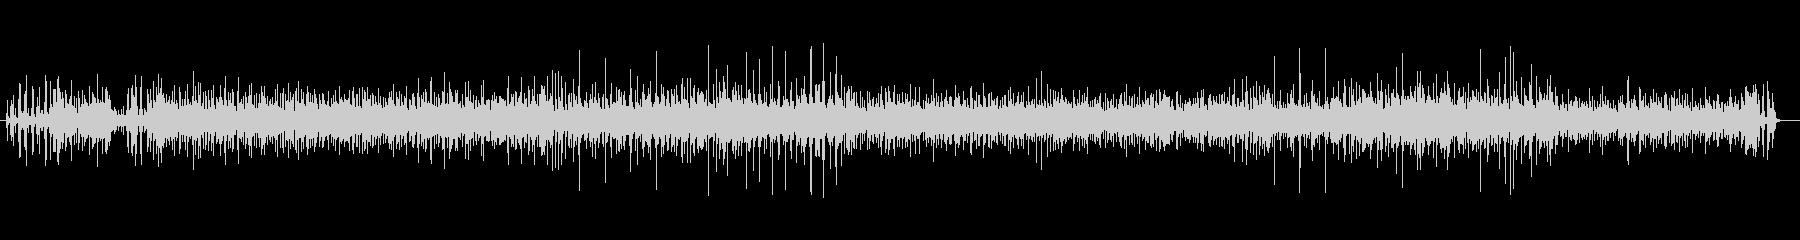 ボサノバ・フュージョン(午後のひととき)の未再生の波形